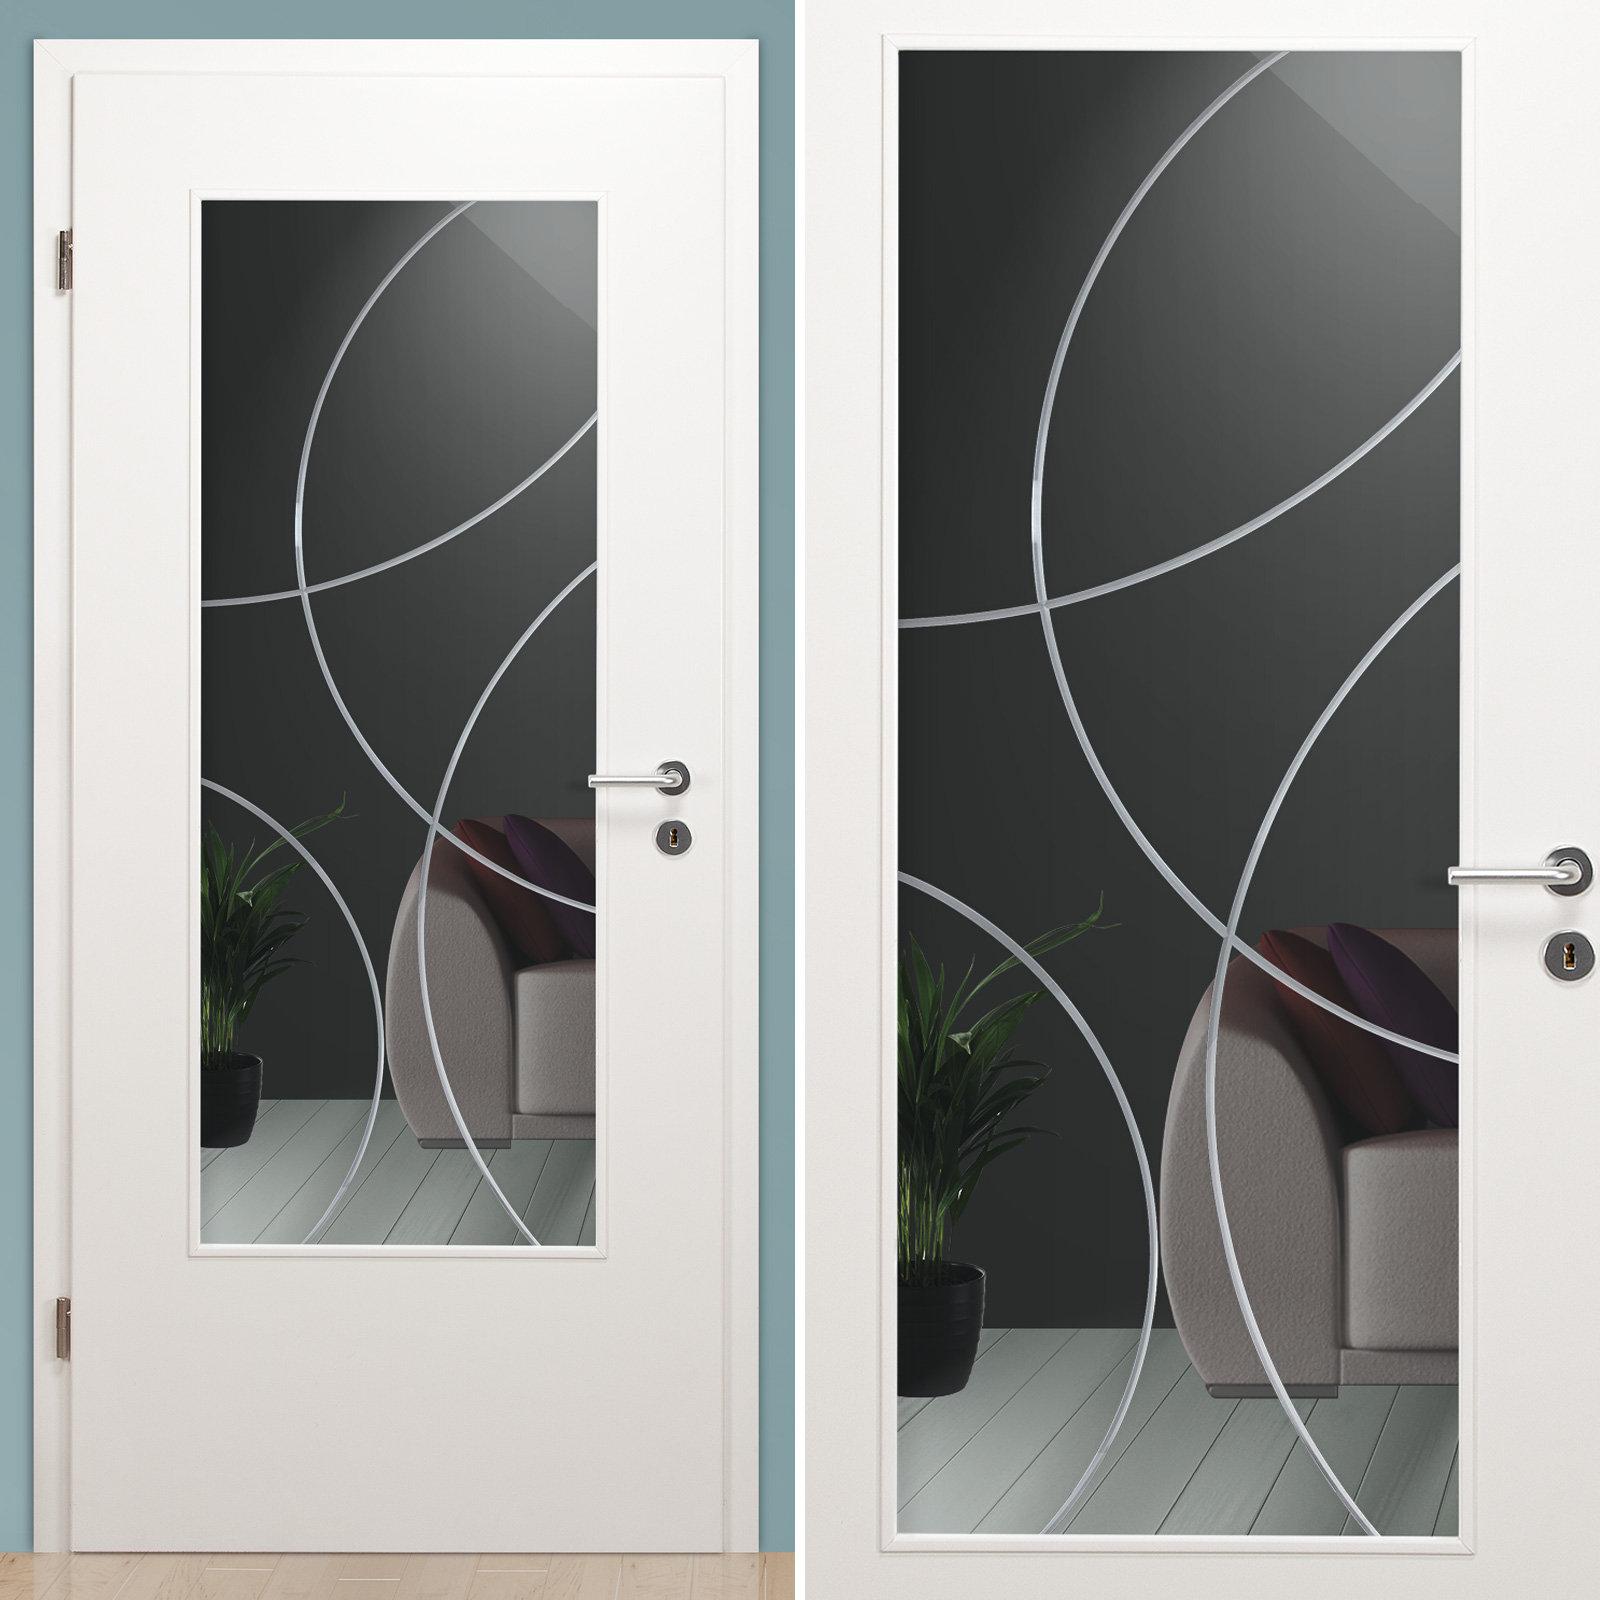 verglasung glaseinsatz f r holzt r 167 4r f la klarglas mit rillenschliff bola ebay. Black Bedroom Furniture Sets. Home Design Ideas